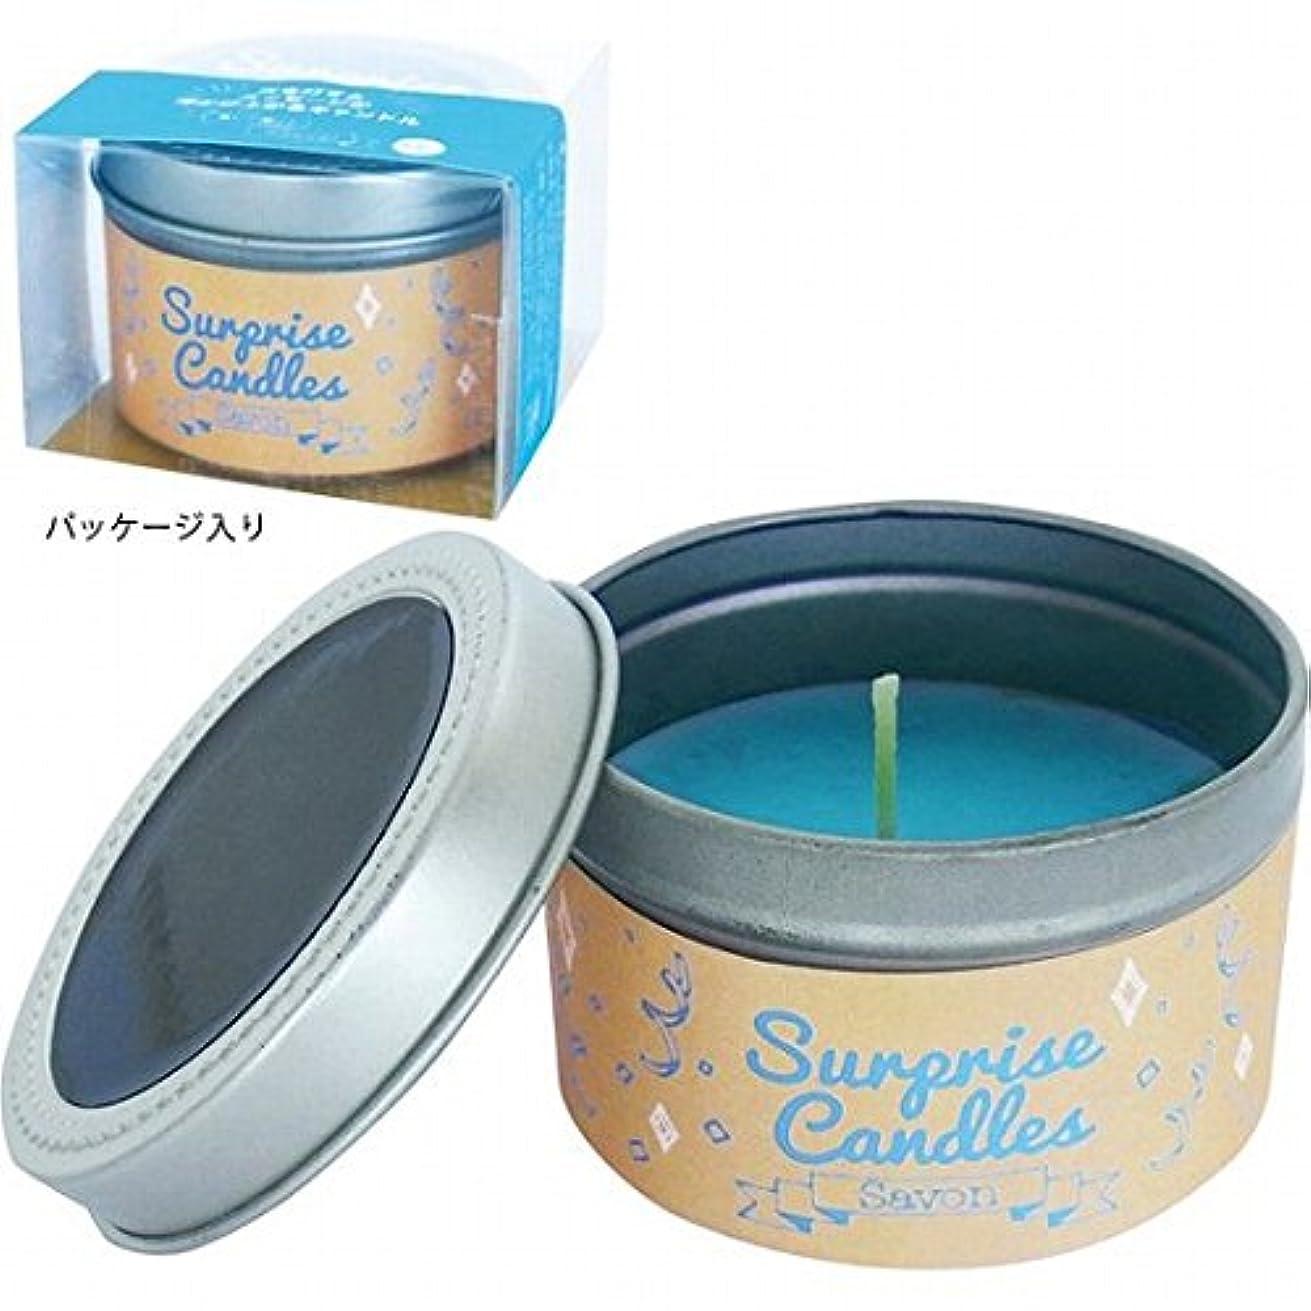 発見するレトルト作成者kameyama candle(カメヤマキャンドル) サプライズキャンドル 「サボン」(A207005030)